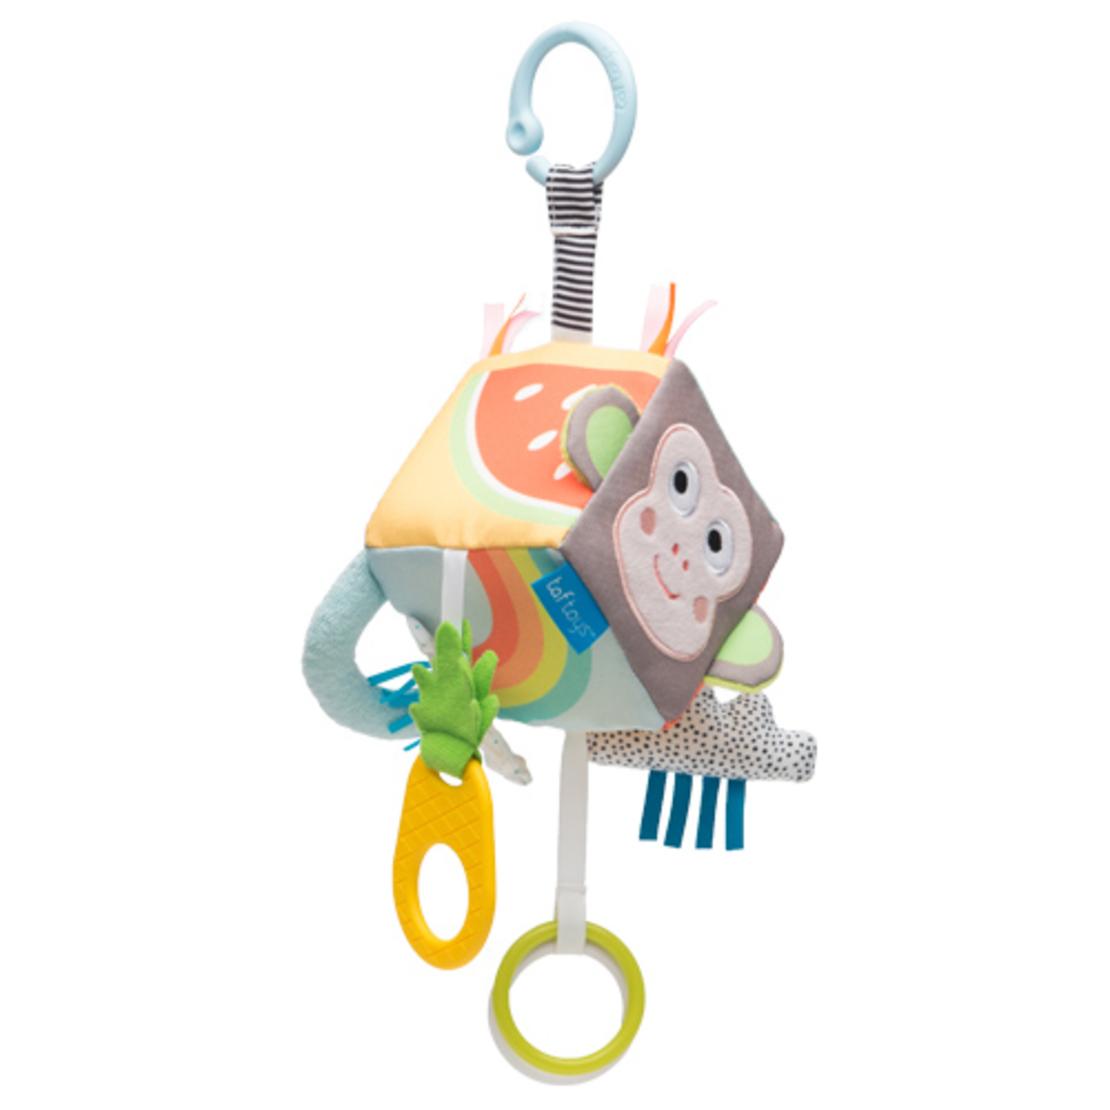 2# -כל אחד ישמח לבן : מתנת לידה ובה סל צבעוני קלוע המכיל קוביית סקרנות צבעונית אינטראקטיבית, שלישיית חיתולי טטרה וכובע לתינוק